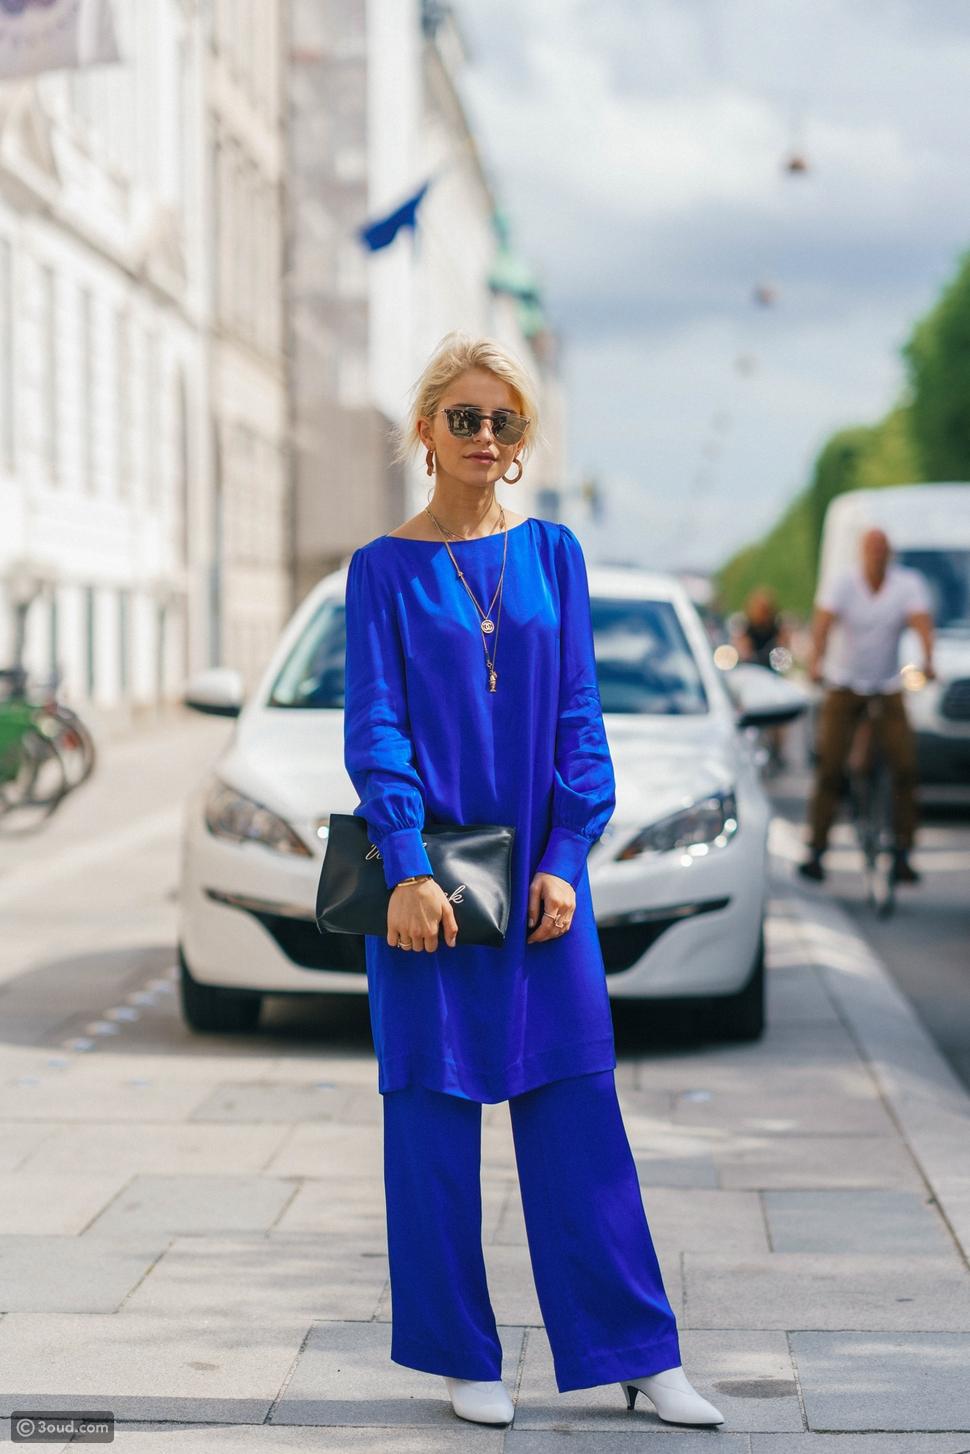 إطلالة كامة باللون الأزرق